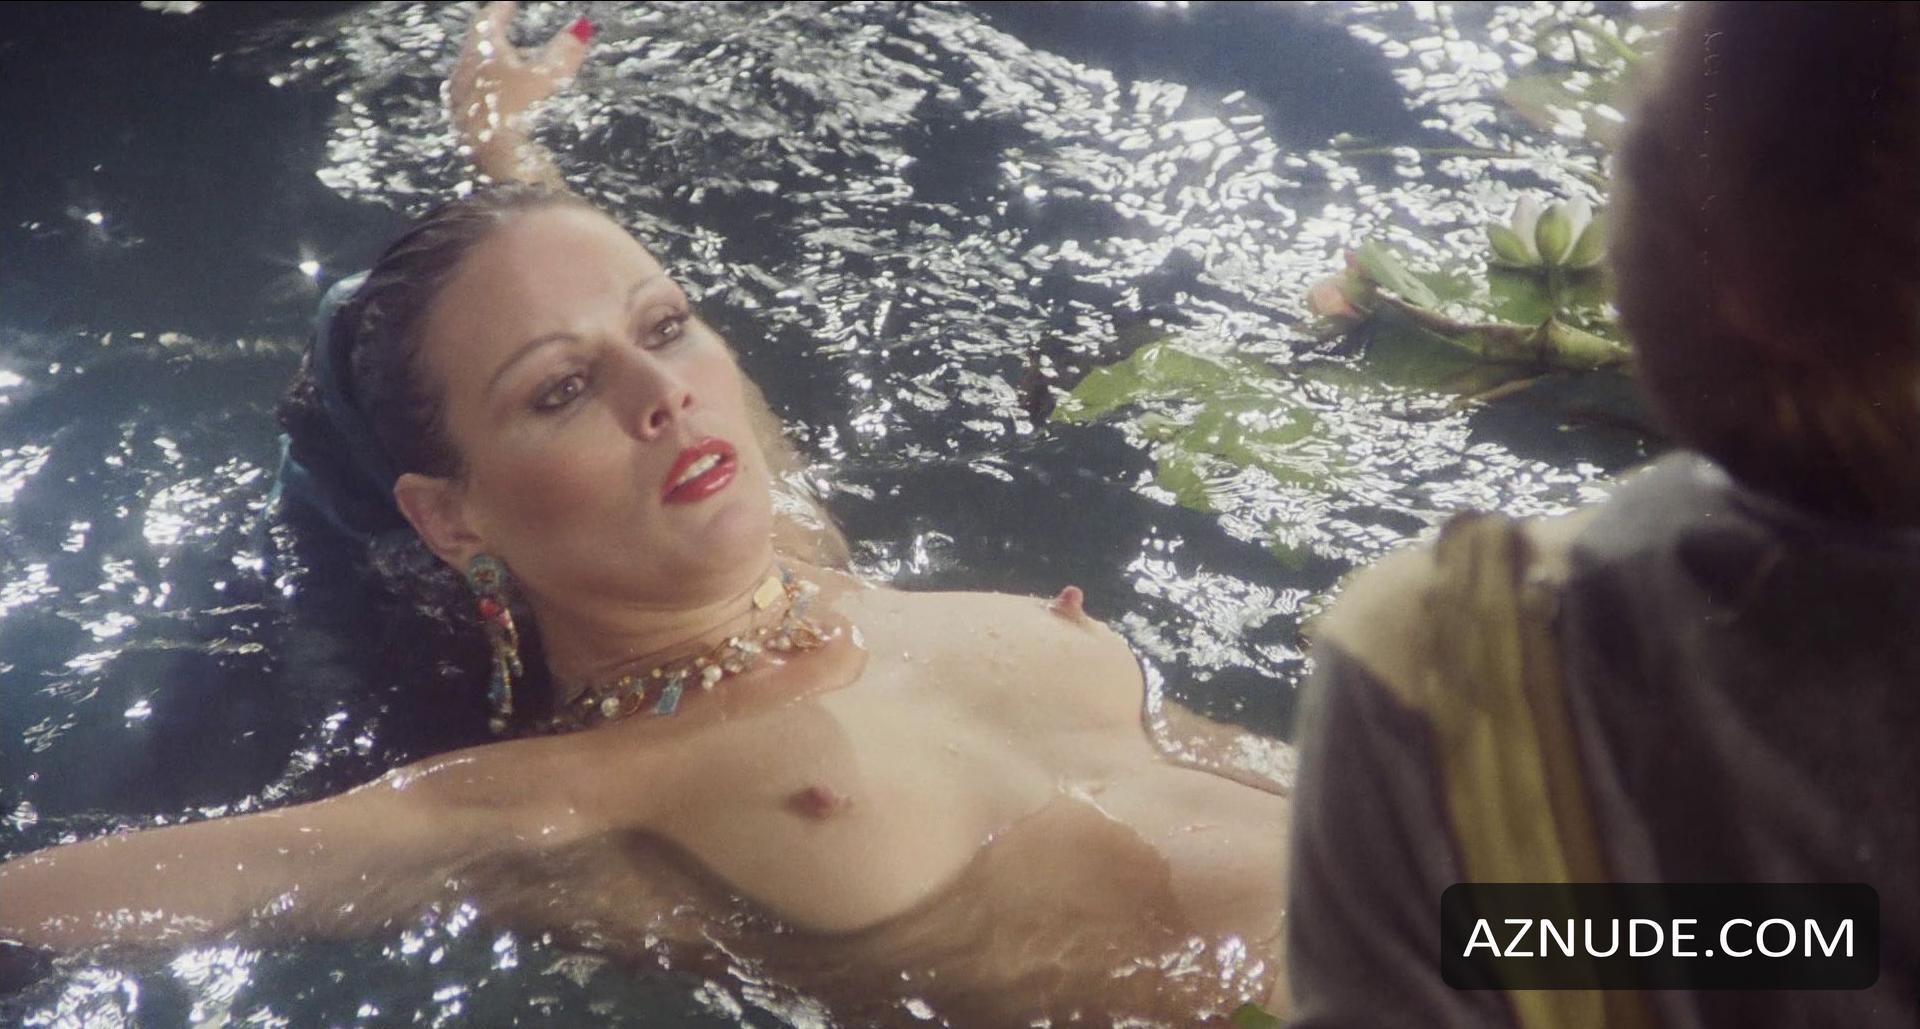 MARTHE KELLER Nude - AZNude